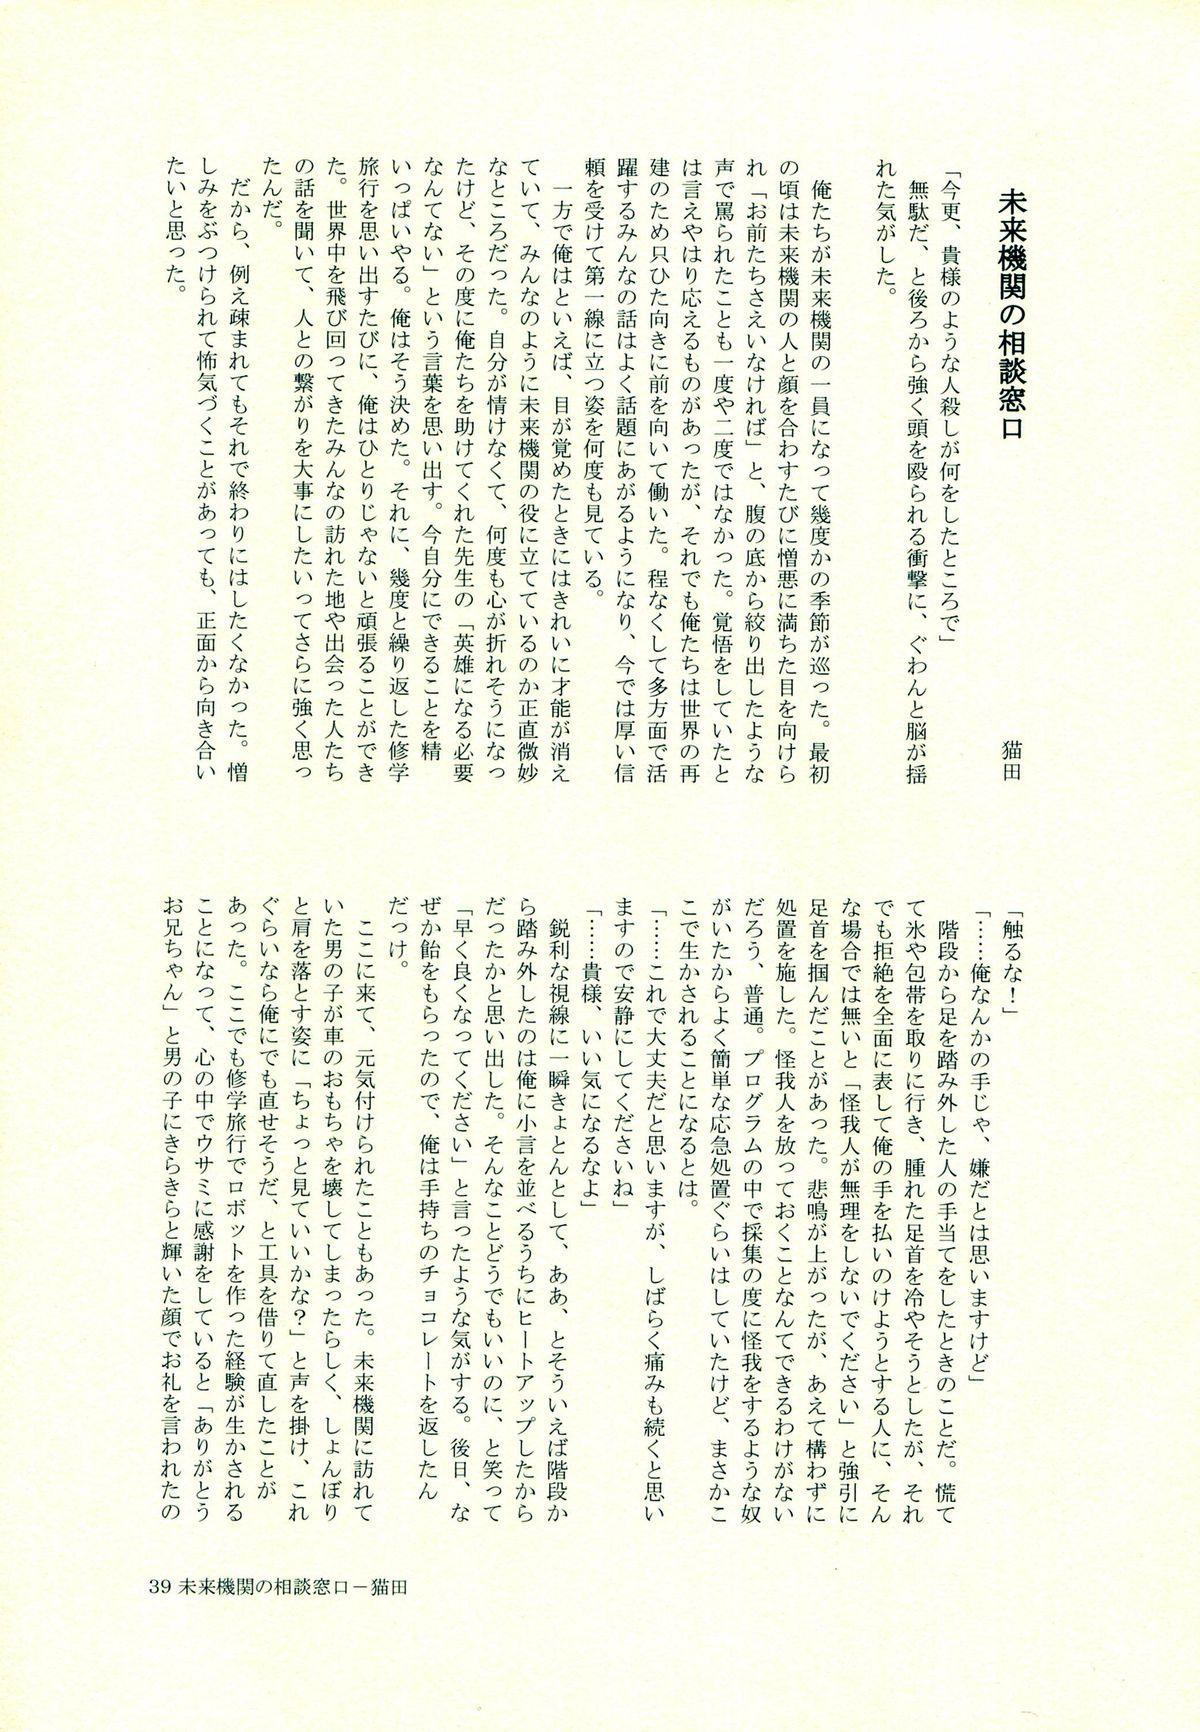 Hinata Hajime no Himitsu no Jikan 37